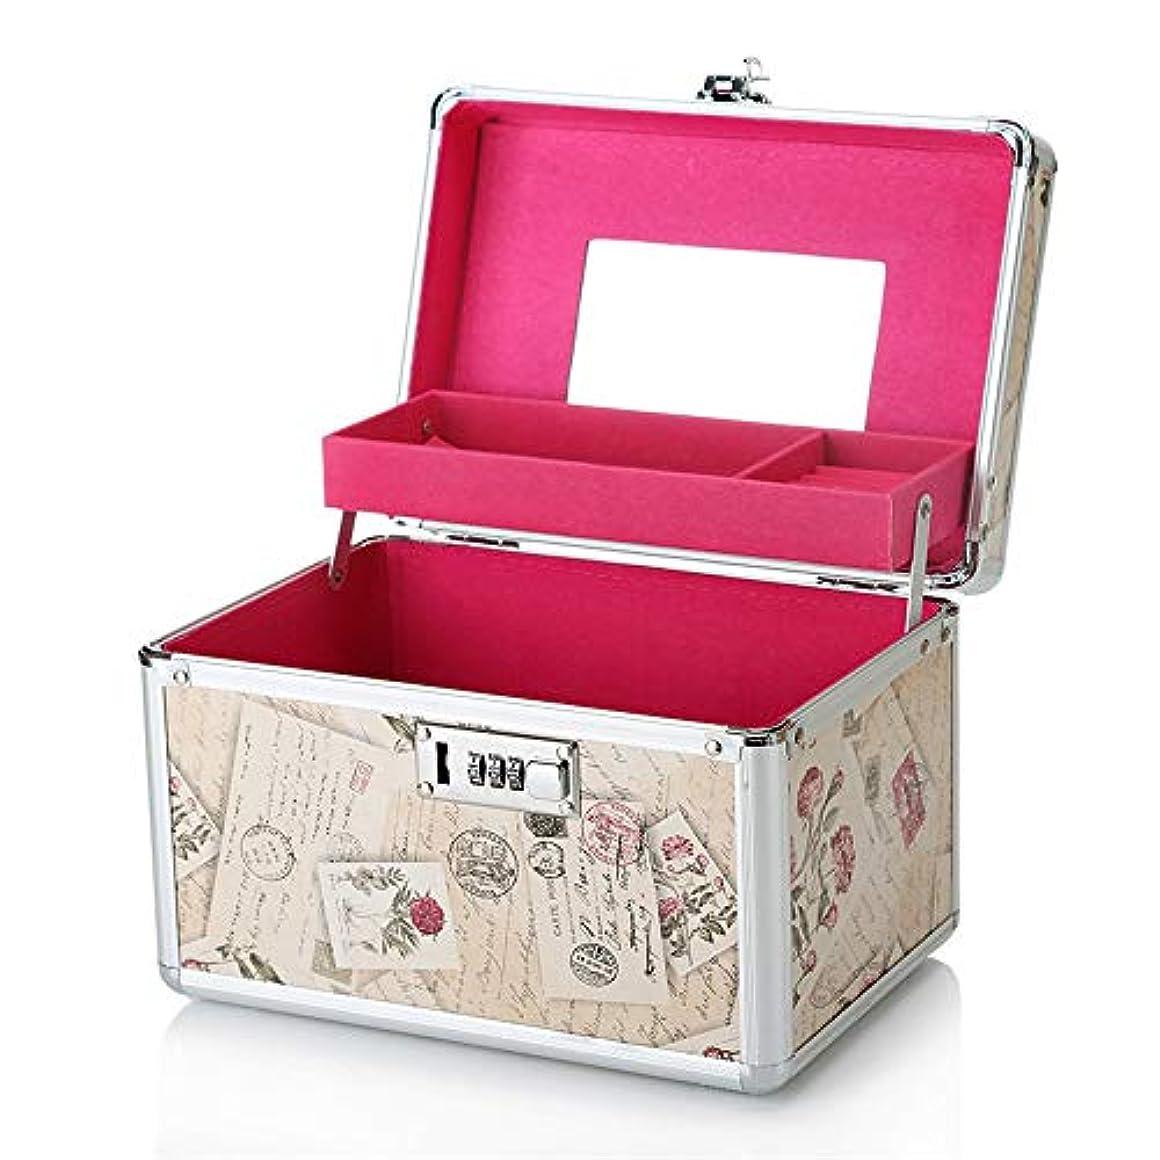 退化するフォーマットノーブル特大スペース収納ビューティーボックス 美の構造のためそしてジッパーおよび折る皿が付いている女の子の女性旅行そして毎日の貯蔵のための高容量の携帯用化粧品袋 化粧品化粧台